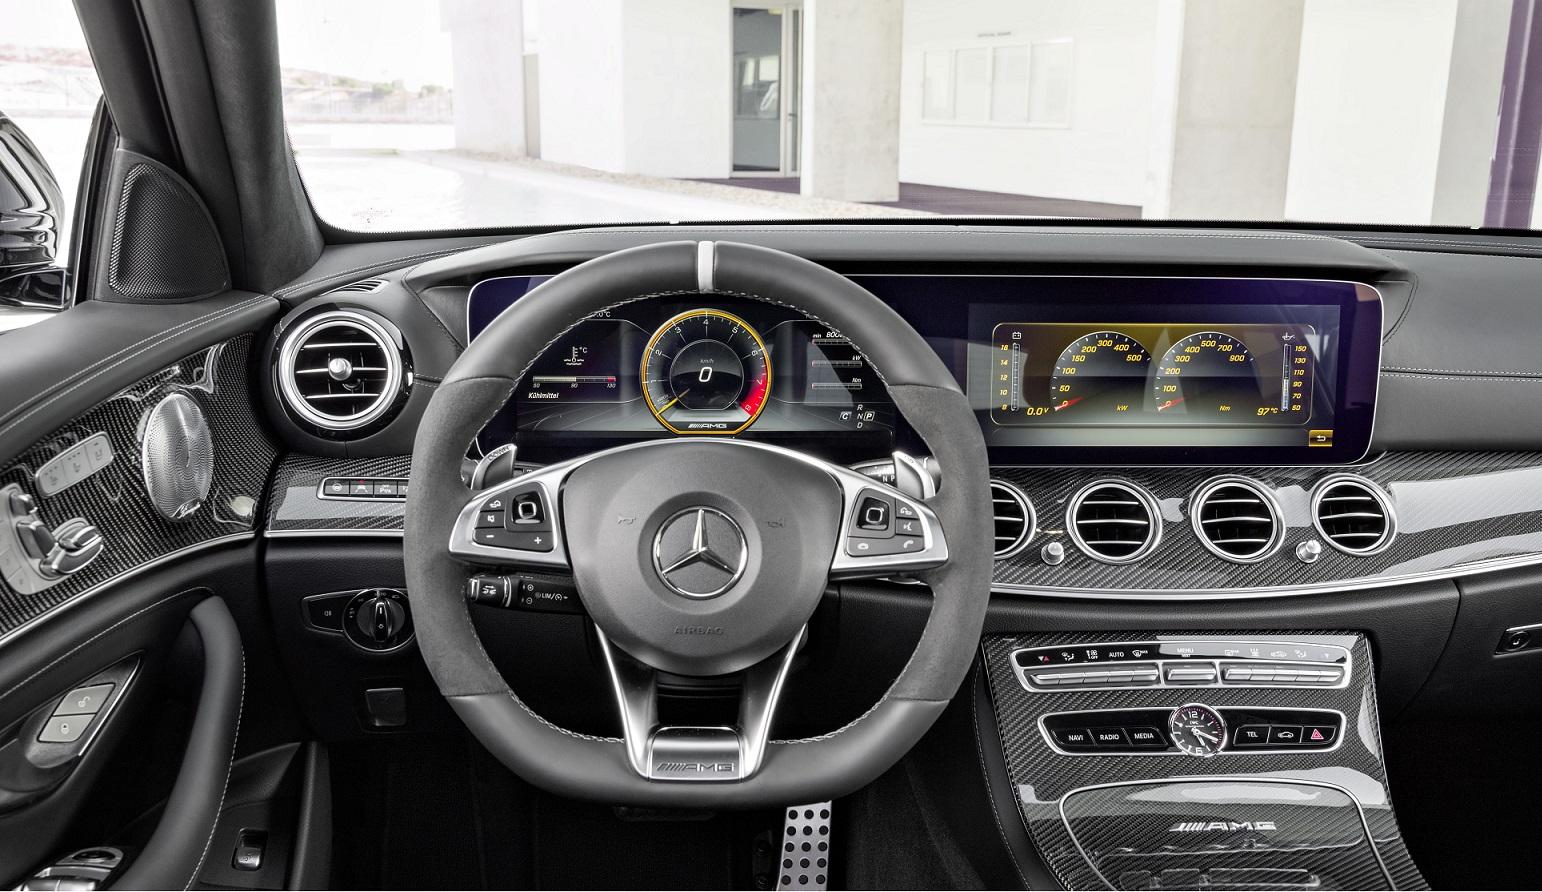 Mercedes-AMG E 63 S cabine